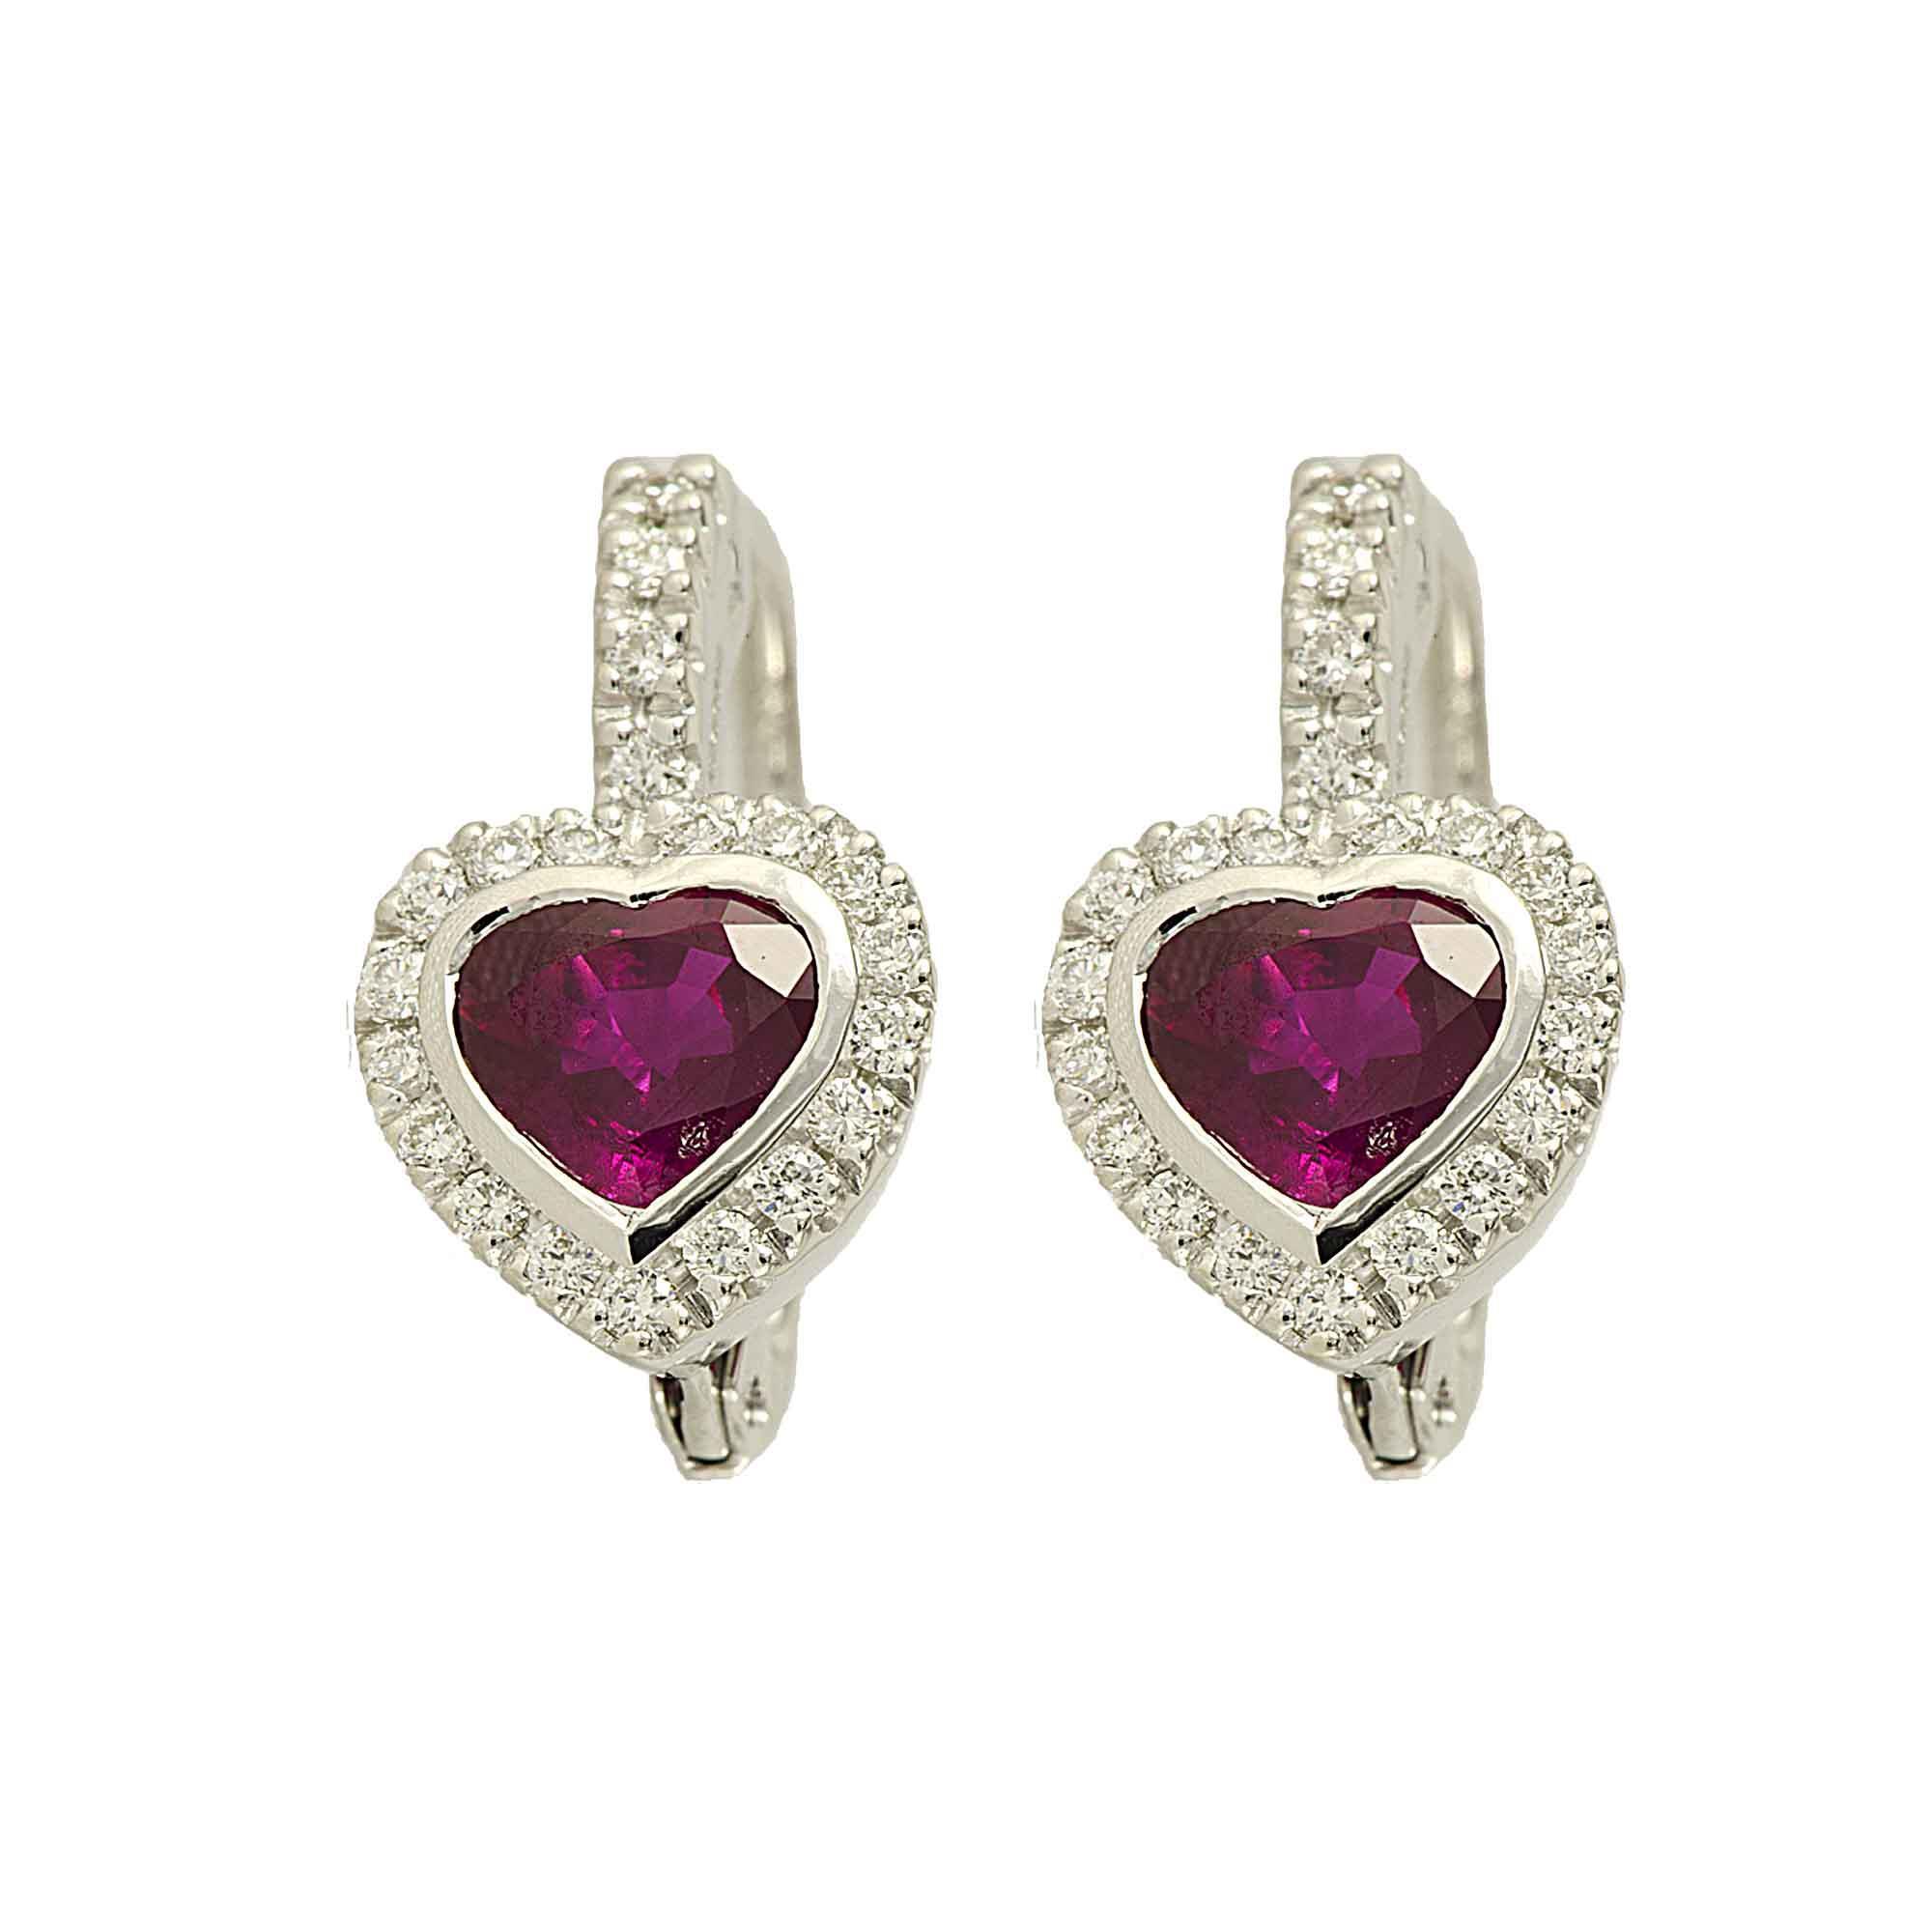 Orecchini in oro bianco con diamanti e rubini - ALFIERI & ST. JOHN